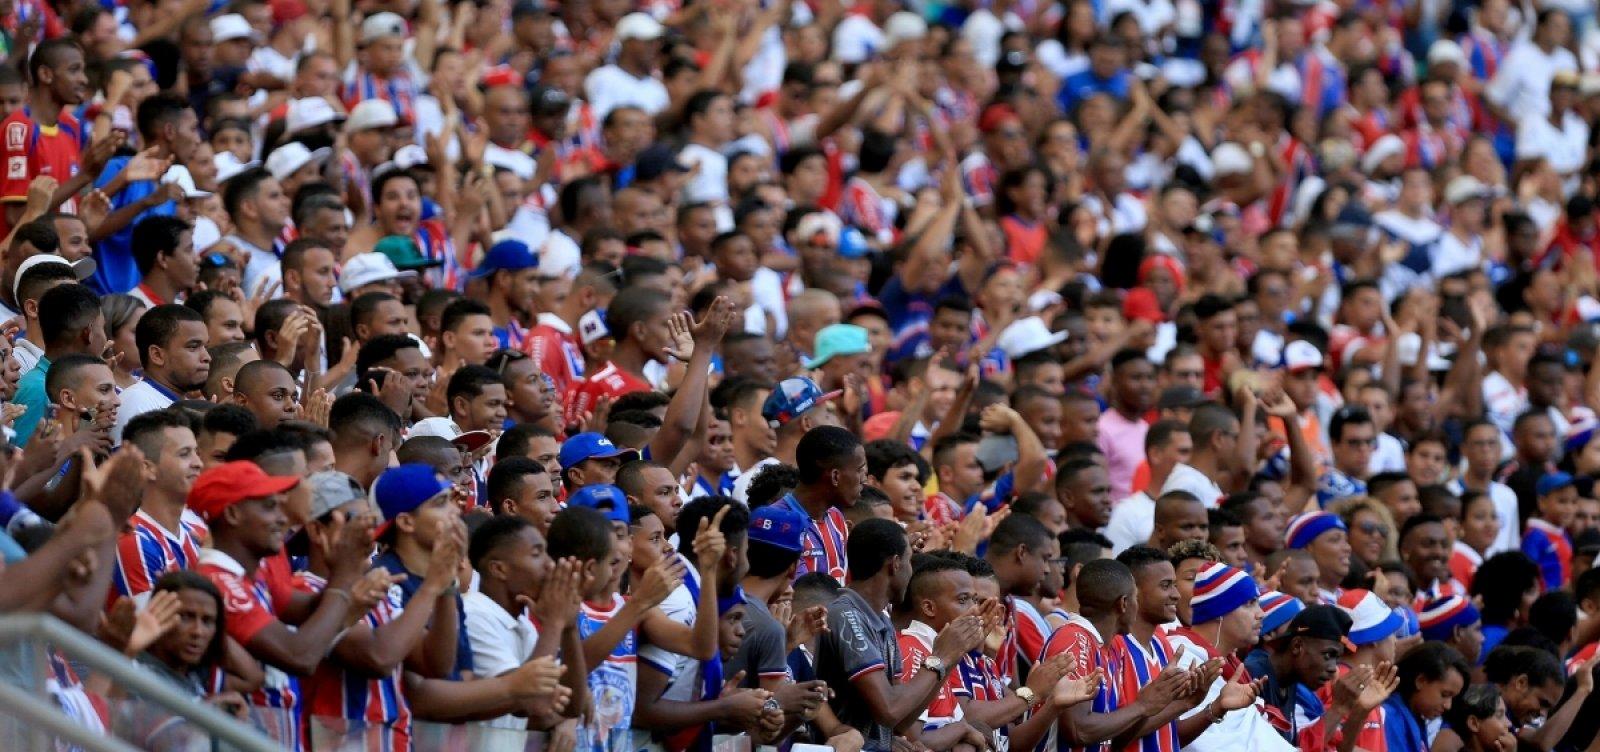 Jogadores do Bahia usarão símbolo do autismo na final do Baianão